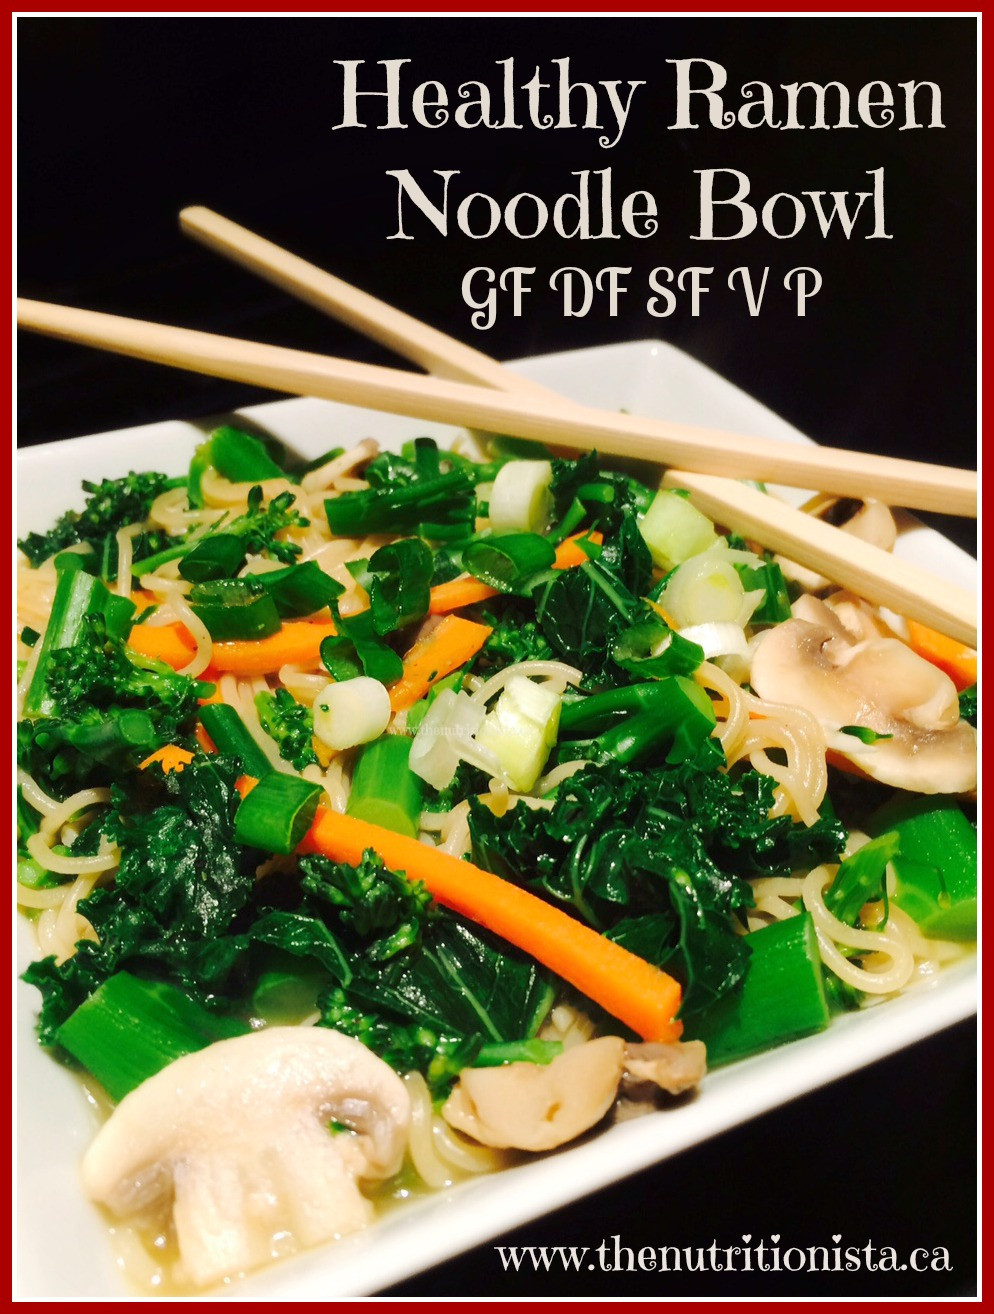 Are Ramen Noodles Healthy  Healthy Ramen Noodle Bowl Nutritionista